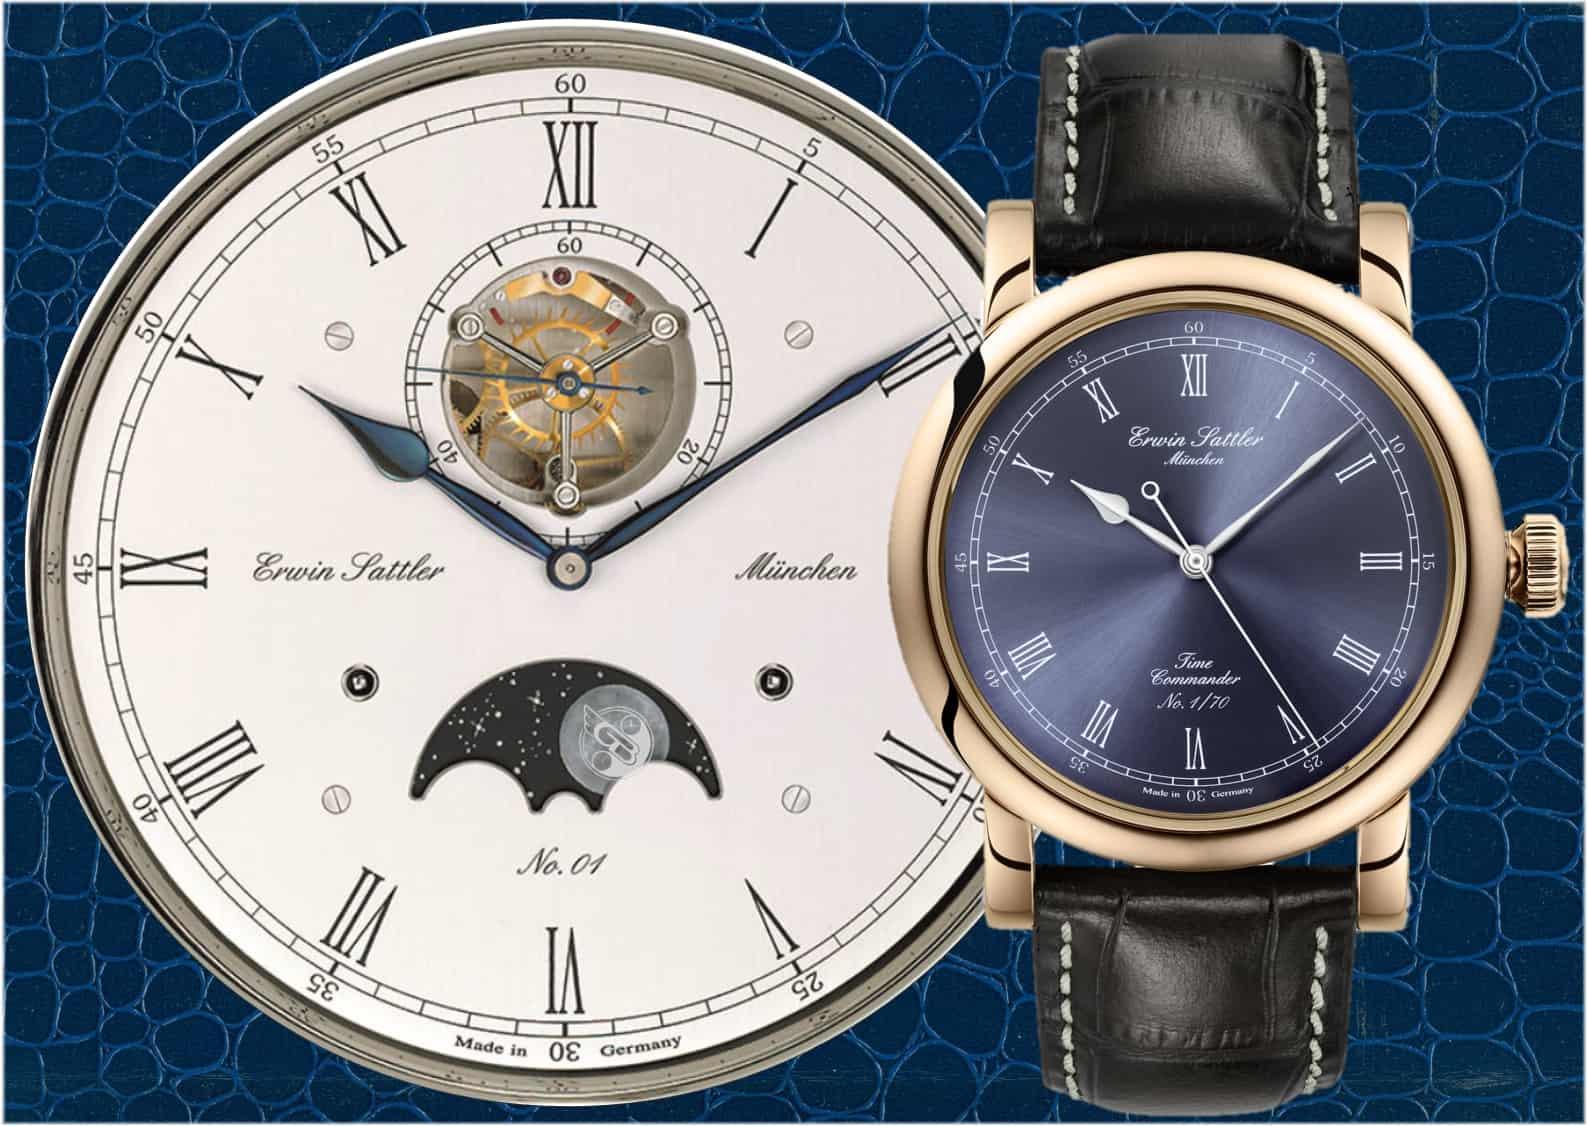 Erwin Sattler Time Commander Bronze III Uhr